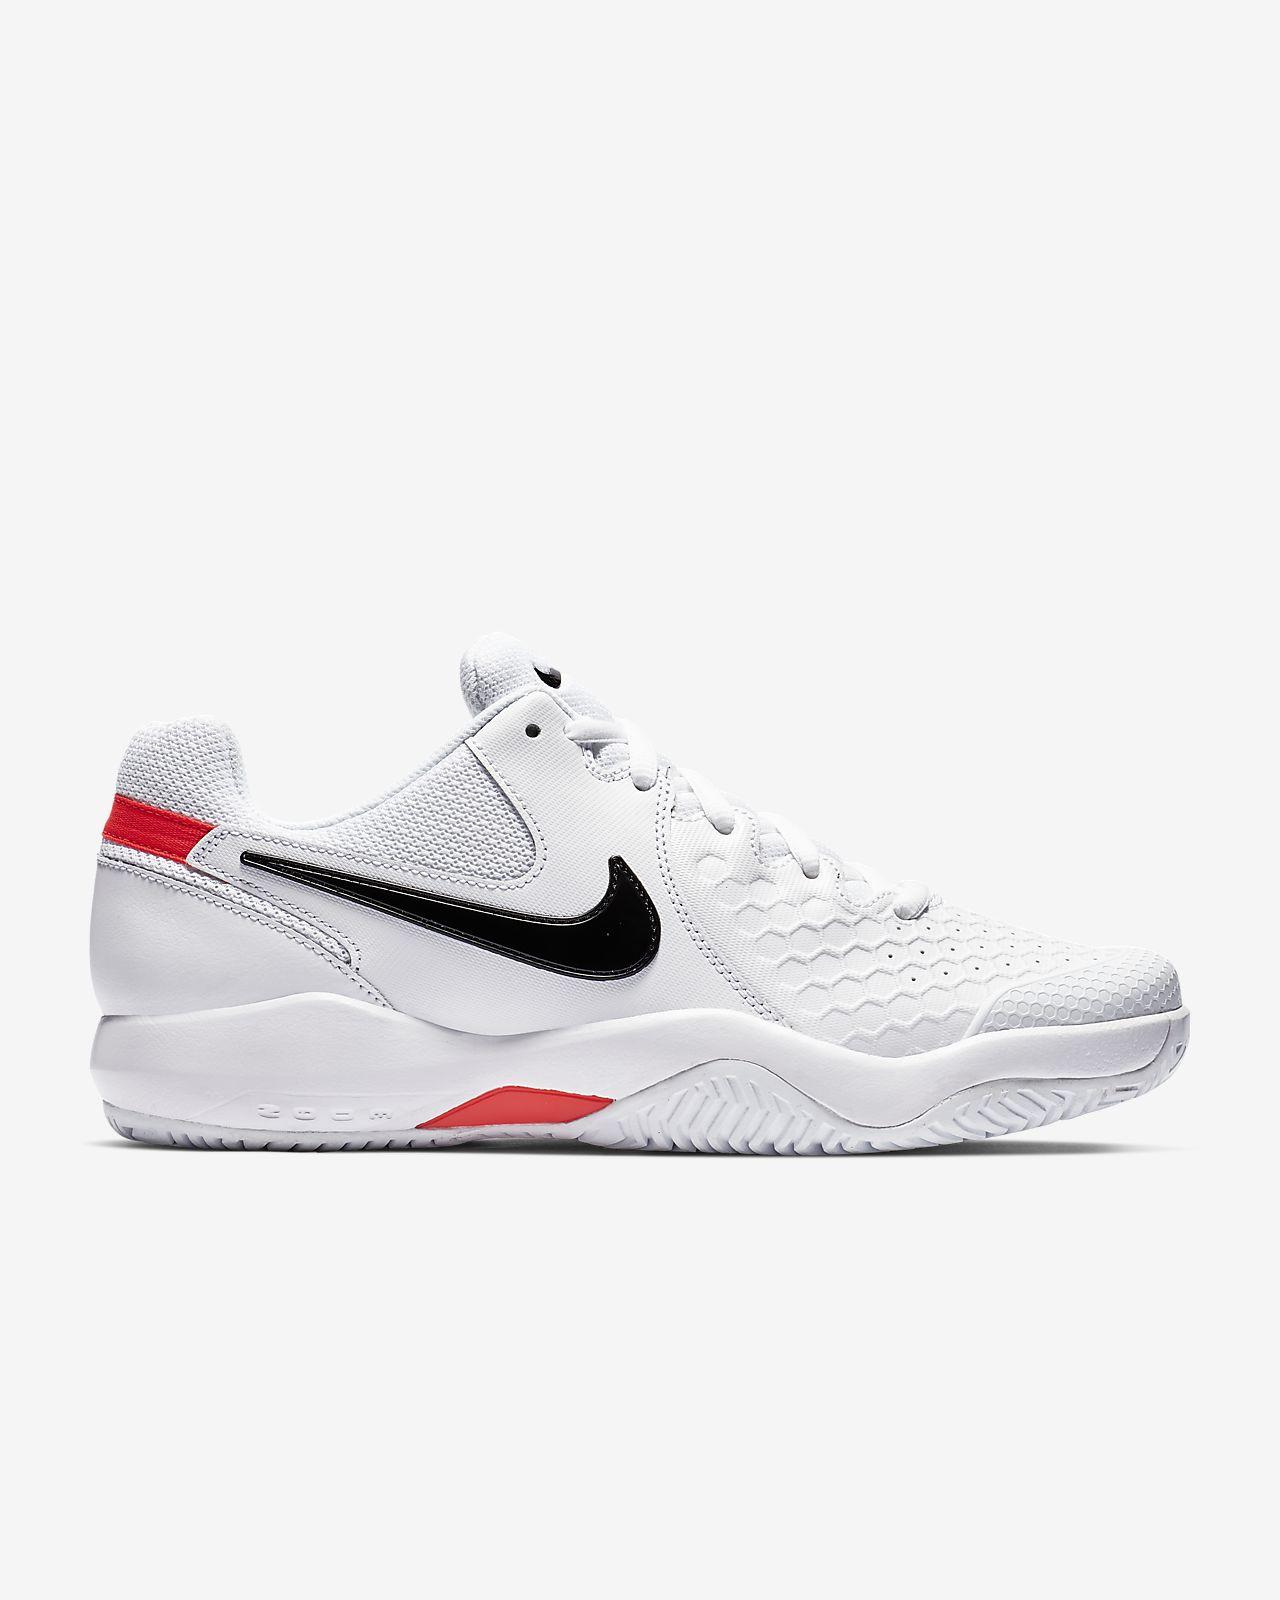 47be4a3e ... Calzado de tenis en cancha dura para hombre NikeCourt Air Zoom  Resistance